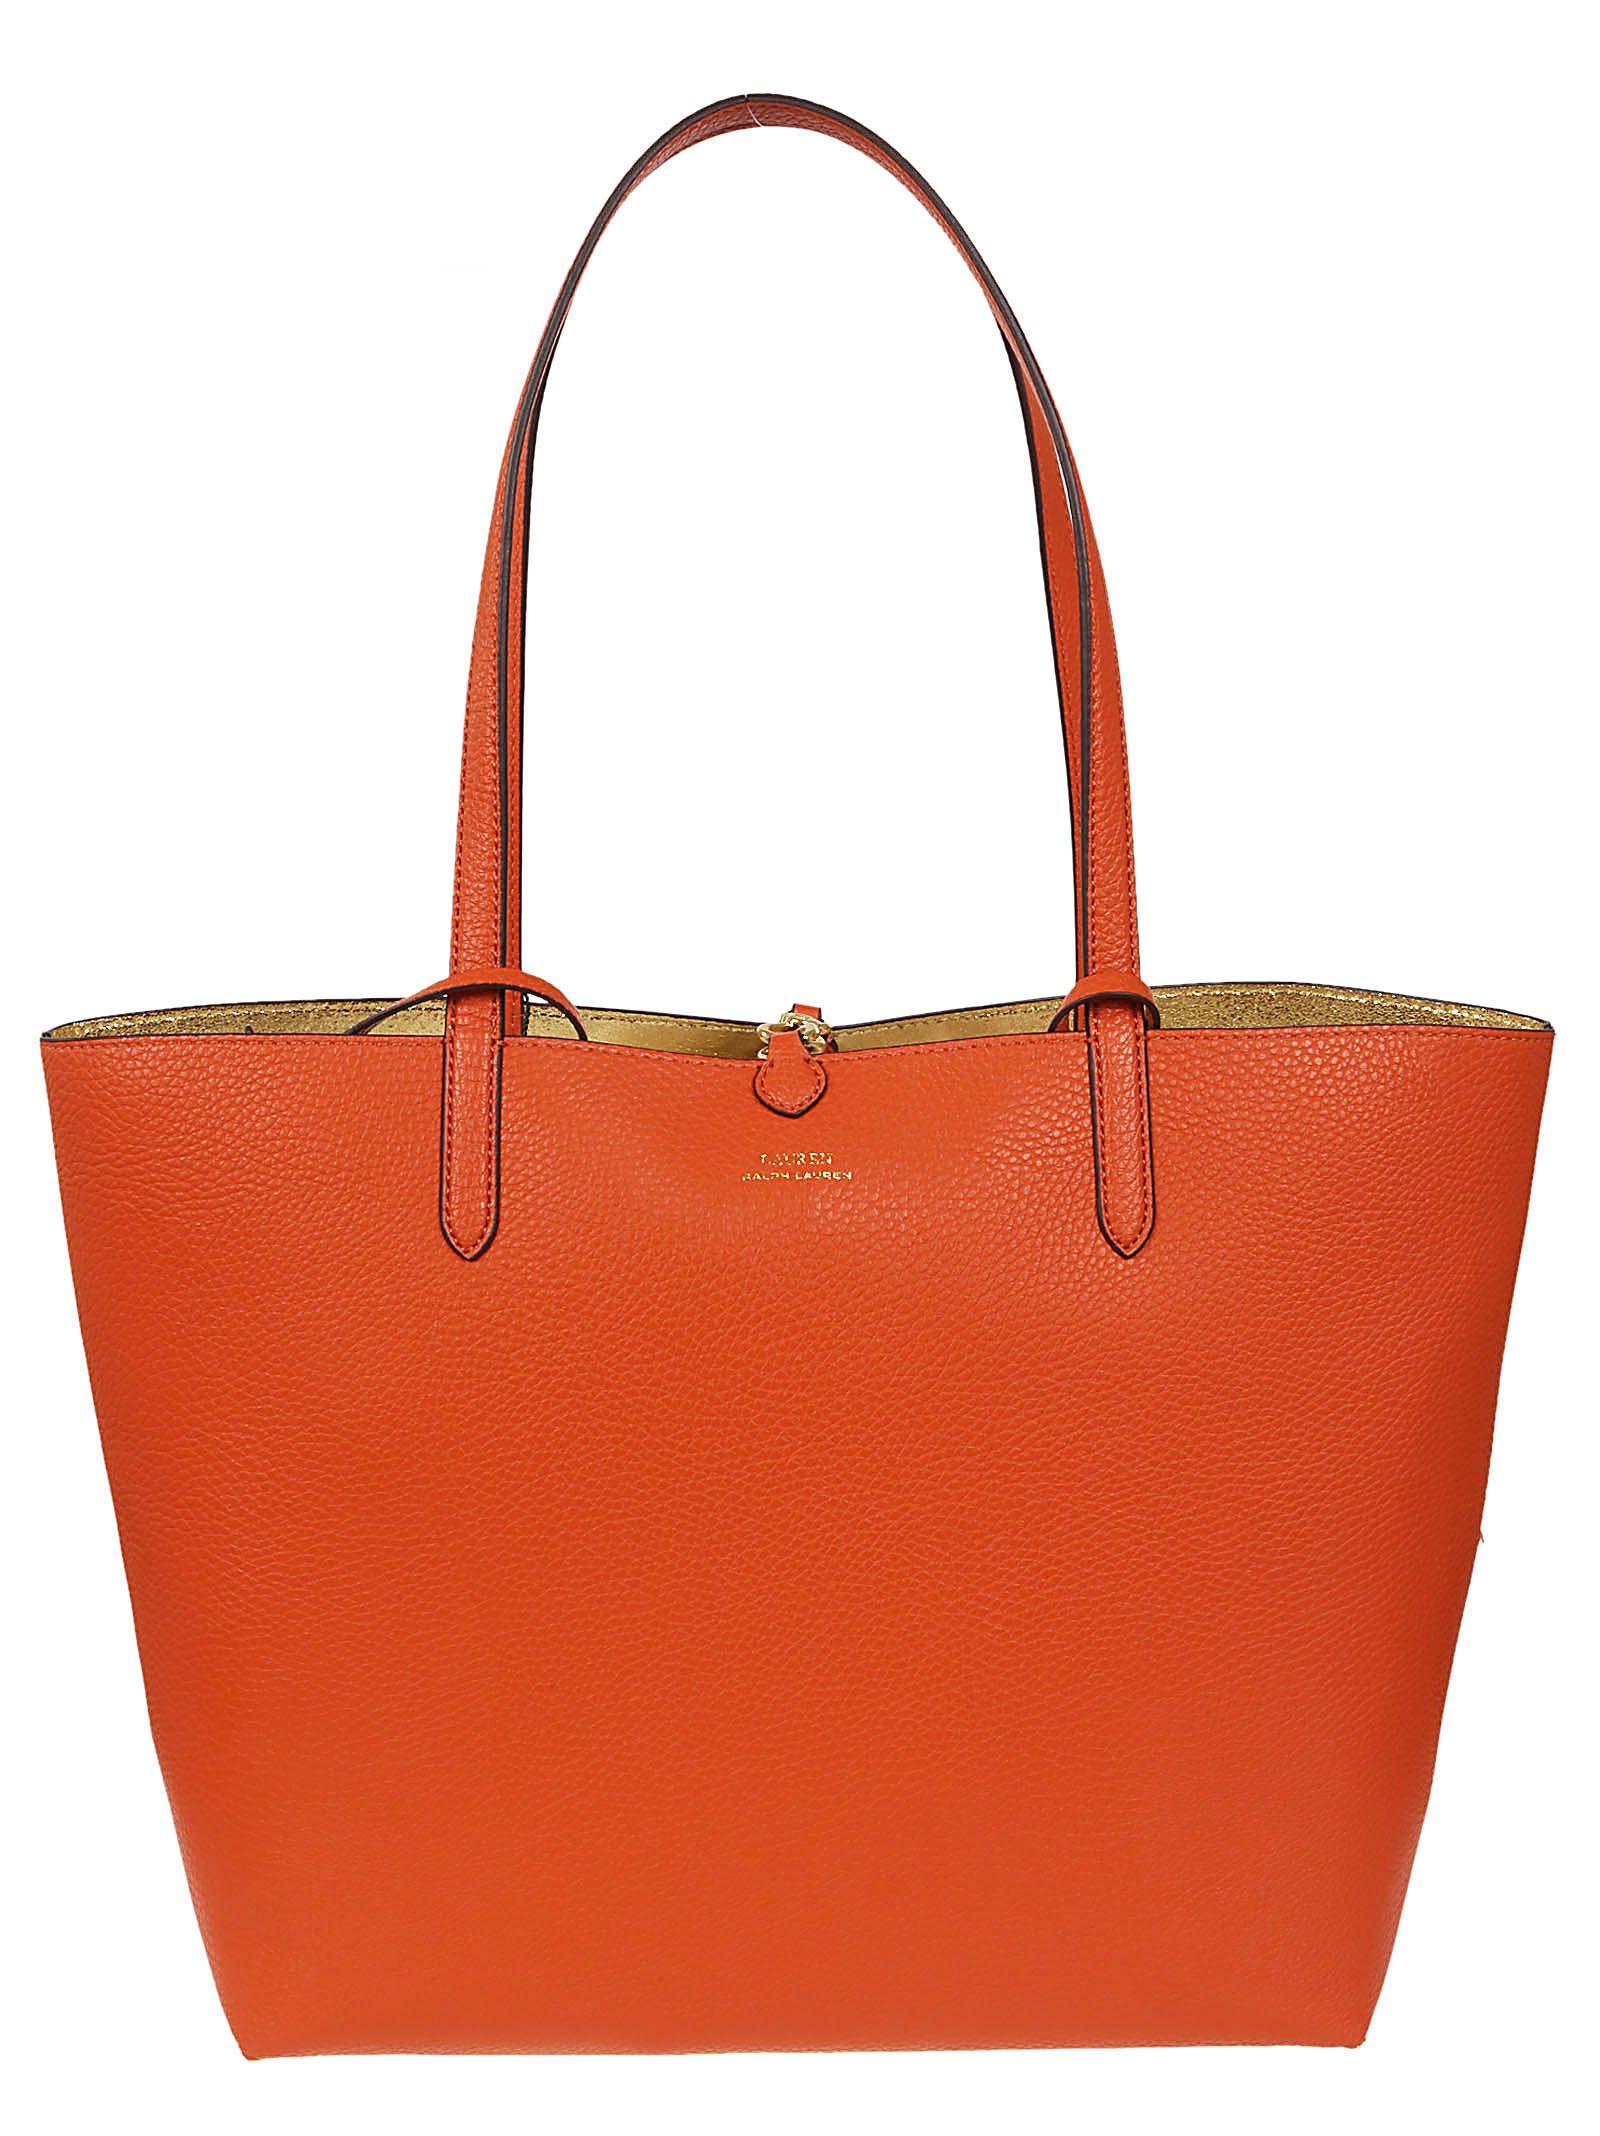 Ralph Lauren Shopping